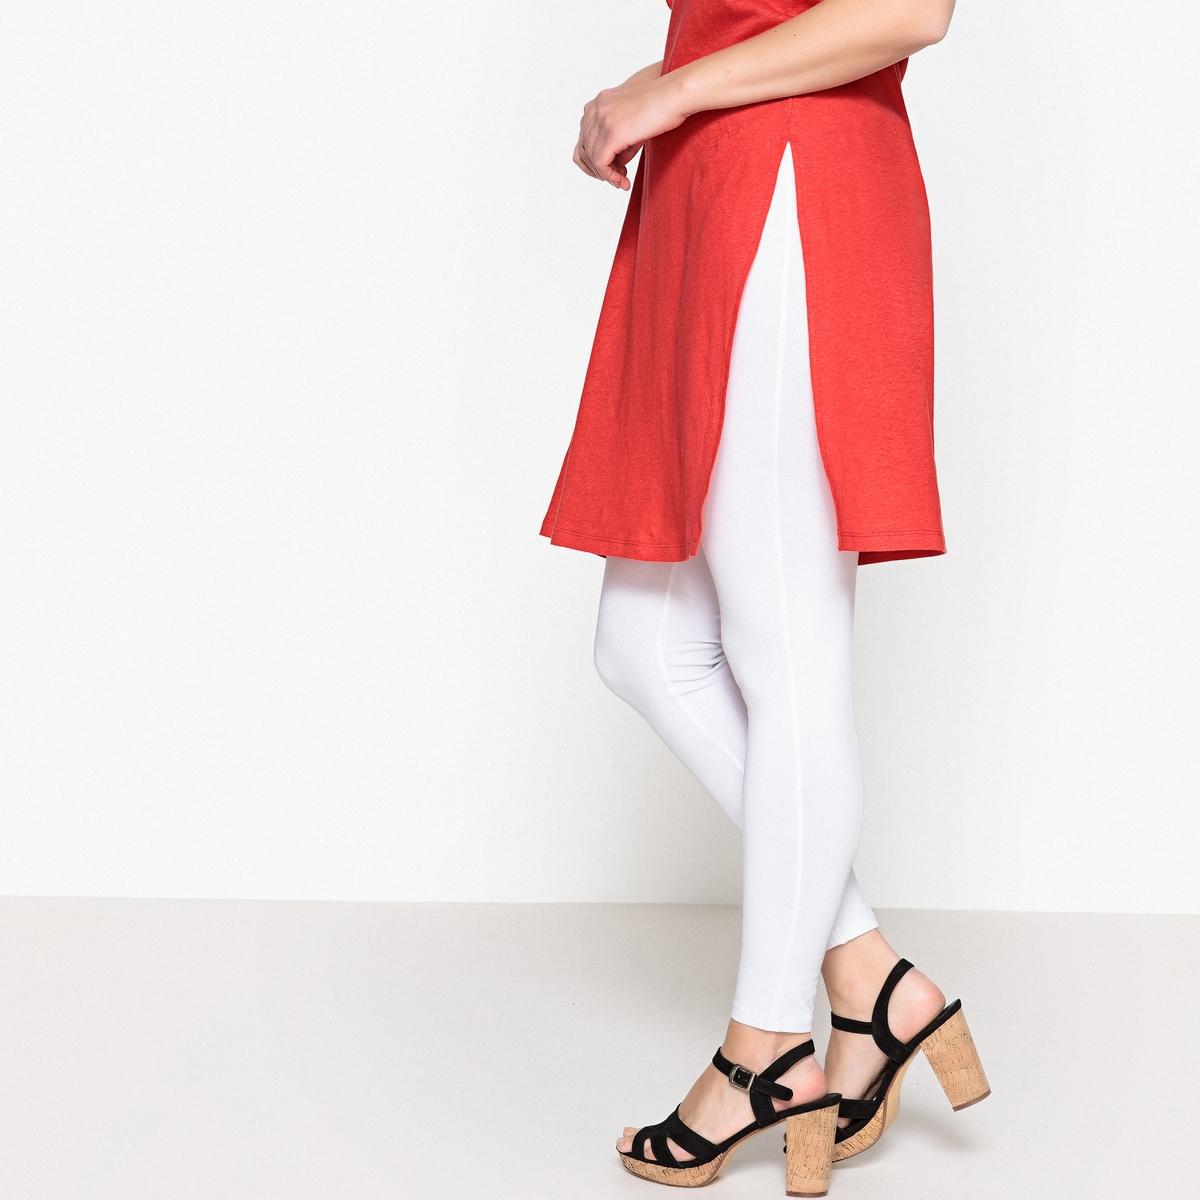 Леггинсы длинныеДлинные леггинсы. Незаменимая вещь в любом гардеробе! Эластичный пояс черного цвета для моделей любого цвета. 95% хлопка, 5% эластана. Длина по внутр.шву 68 см.<br><br>Цвет: белый,серый меланж<br>Размер: 50/52 (FR) - 56/58 (RUS).62/64 (FR) - 68/70 (RUS)